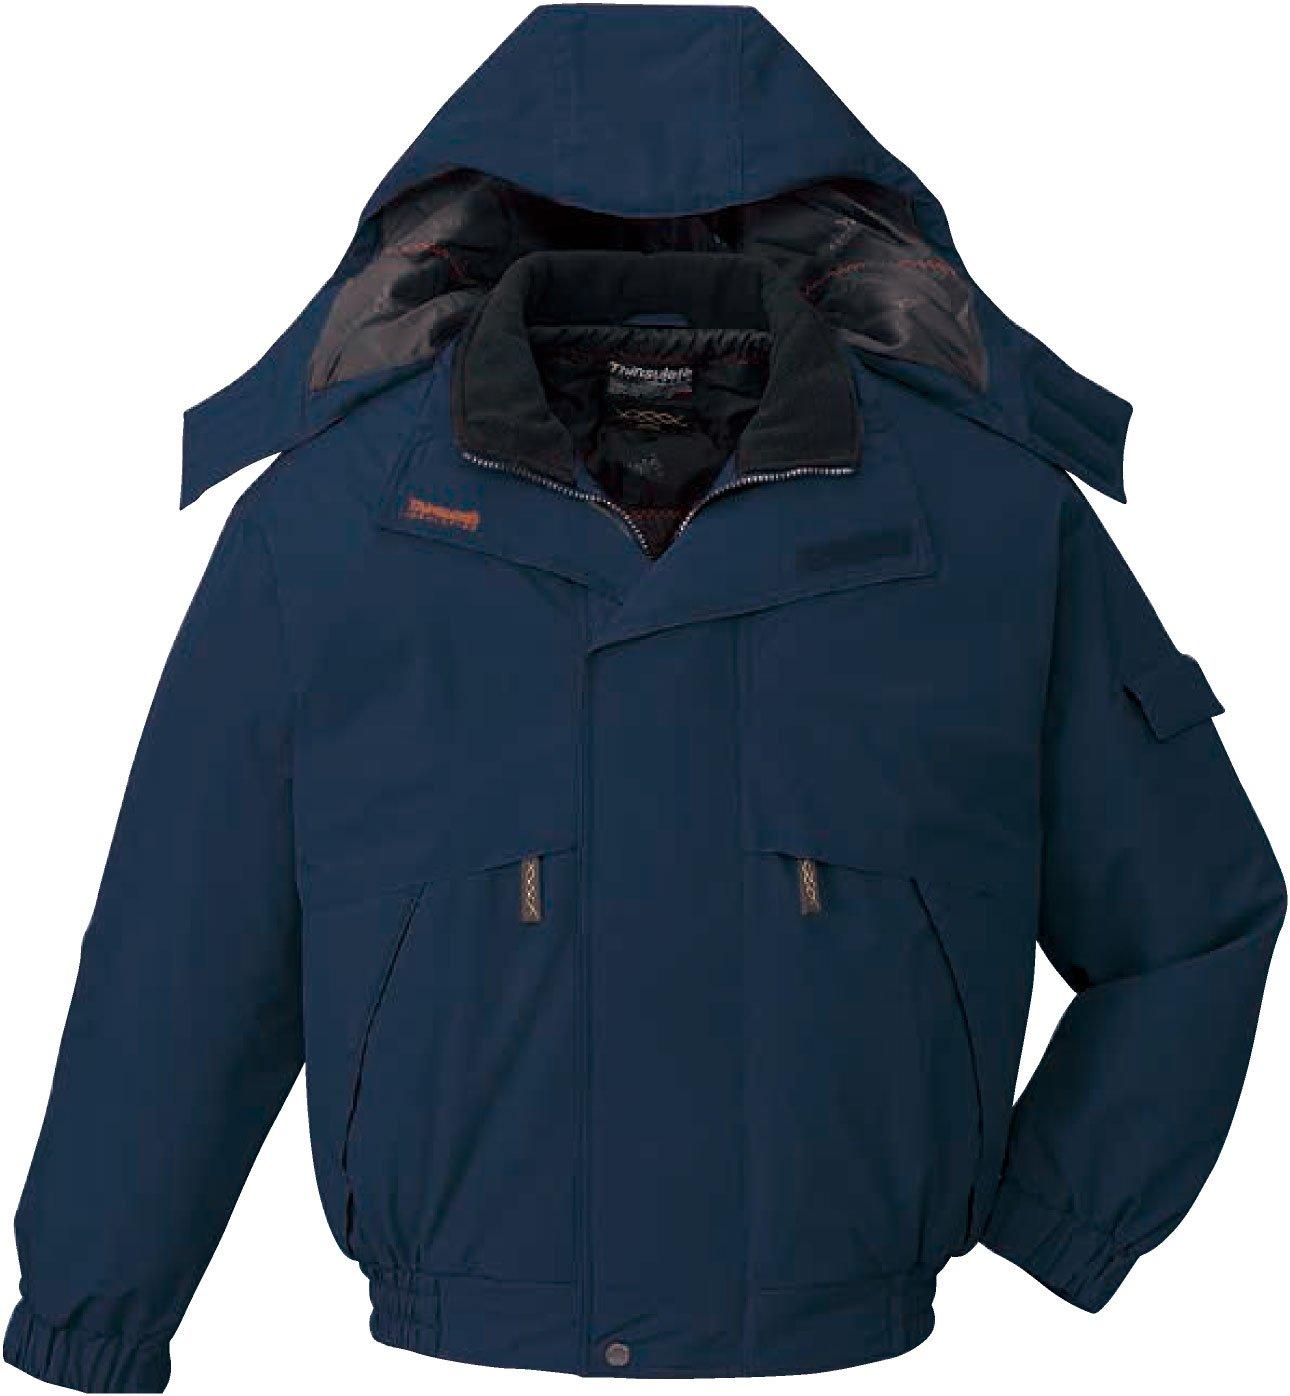 自重堂(JICHODO)防寒ブルゾン水に 寒さに威力を発揮する透湿防水防寒シリーズ jd-048340 B01BNFVVXA L|ネイビー ネイビー L